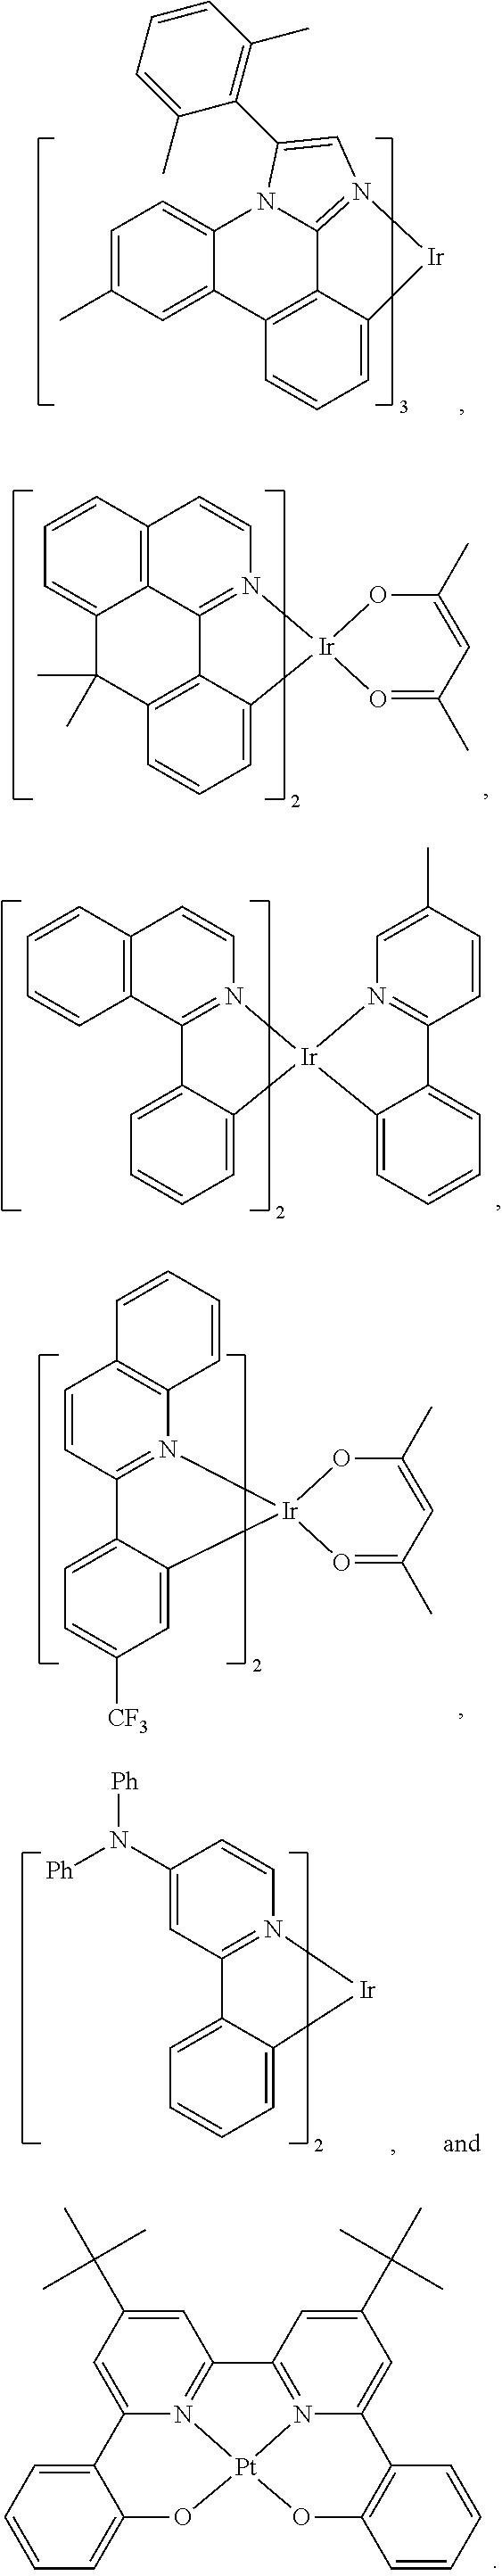 Figure US10236458-20190319-C00096